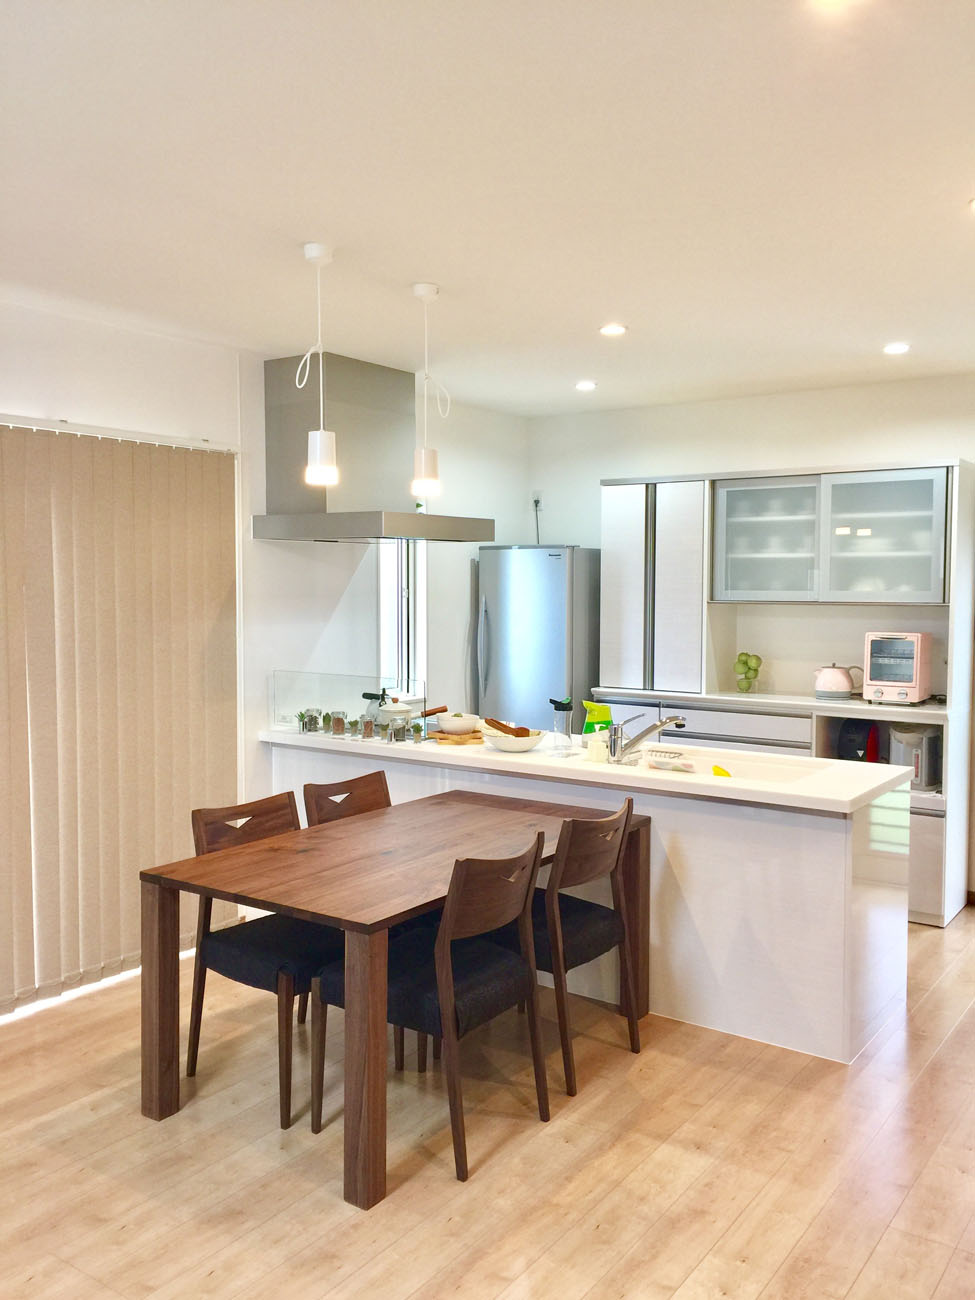 モデルハウス17号のダイニングキッチン写真